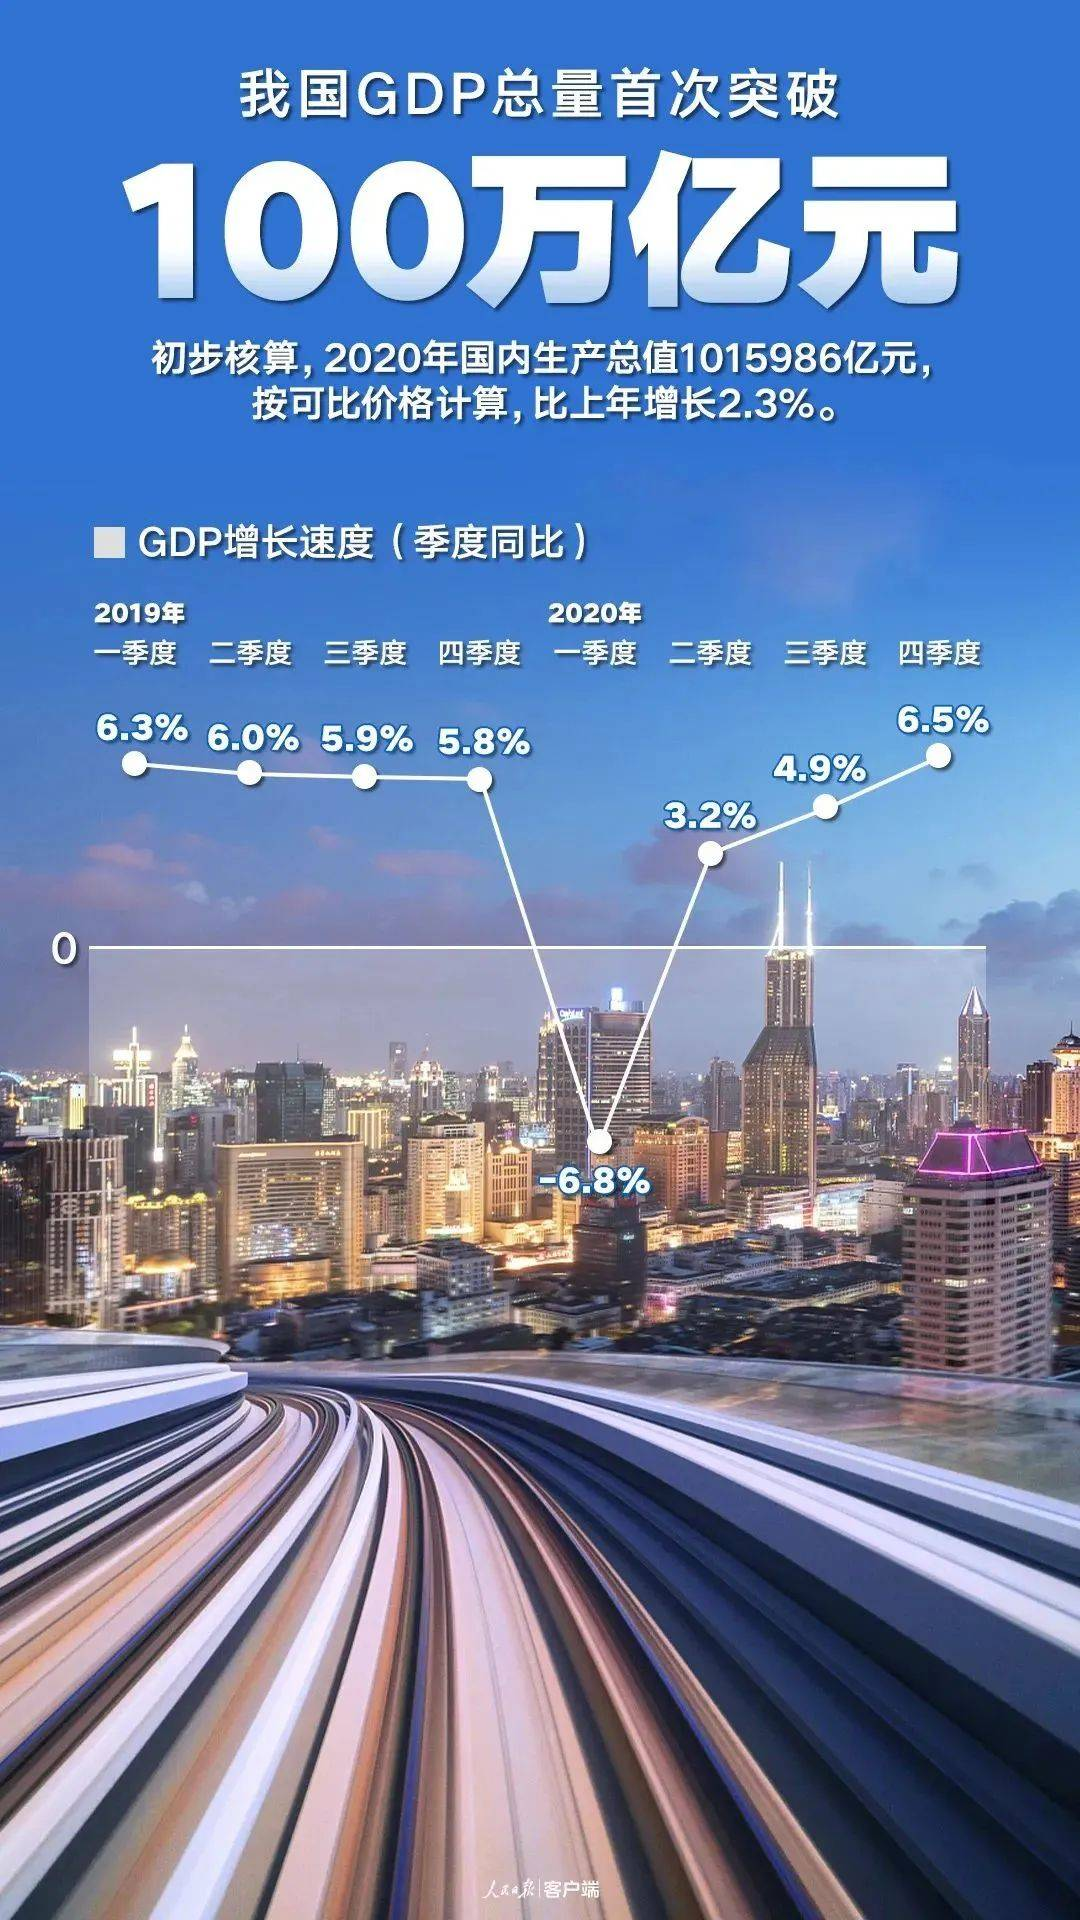 我国人口居世界第几_中国的人口总数居世界A.第一位B.第二位C.第三位 D.第四位